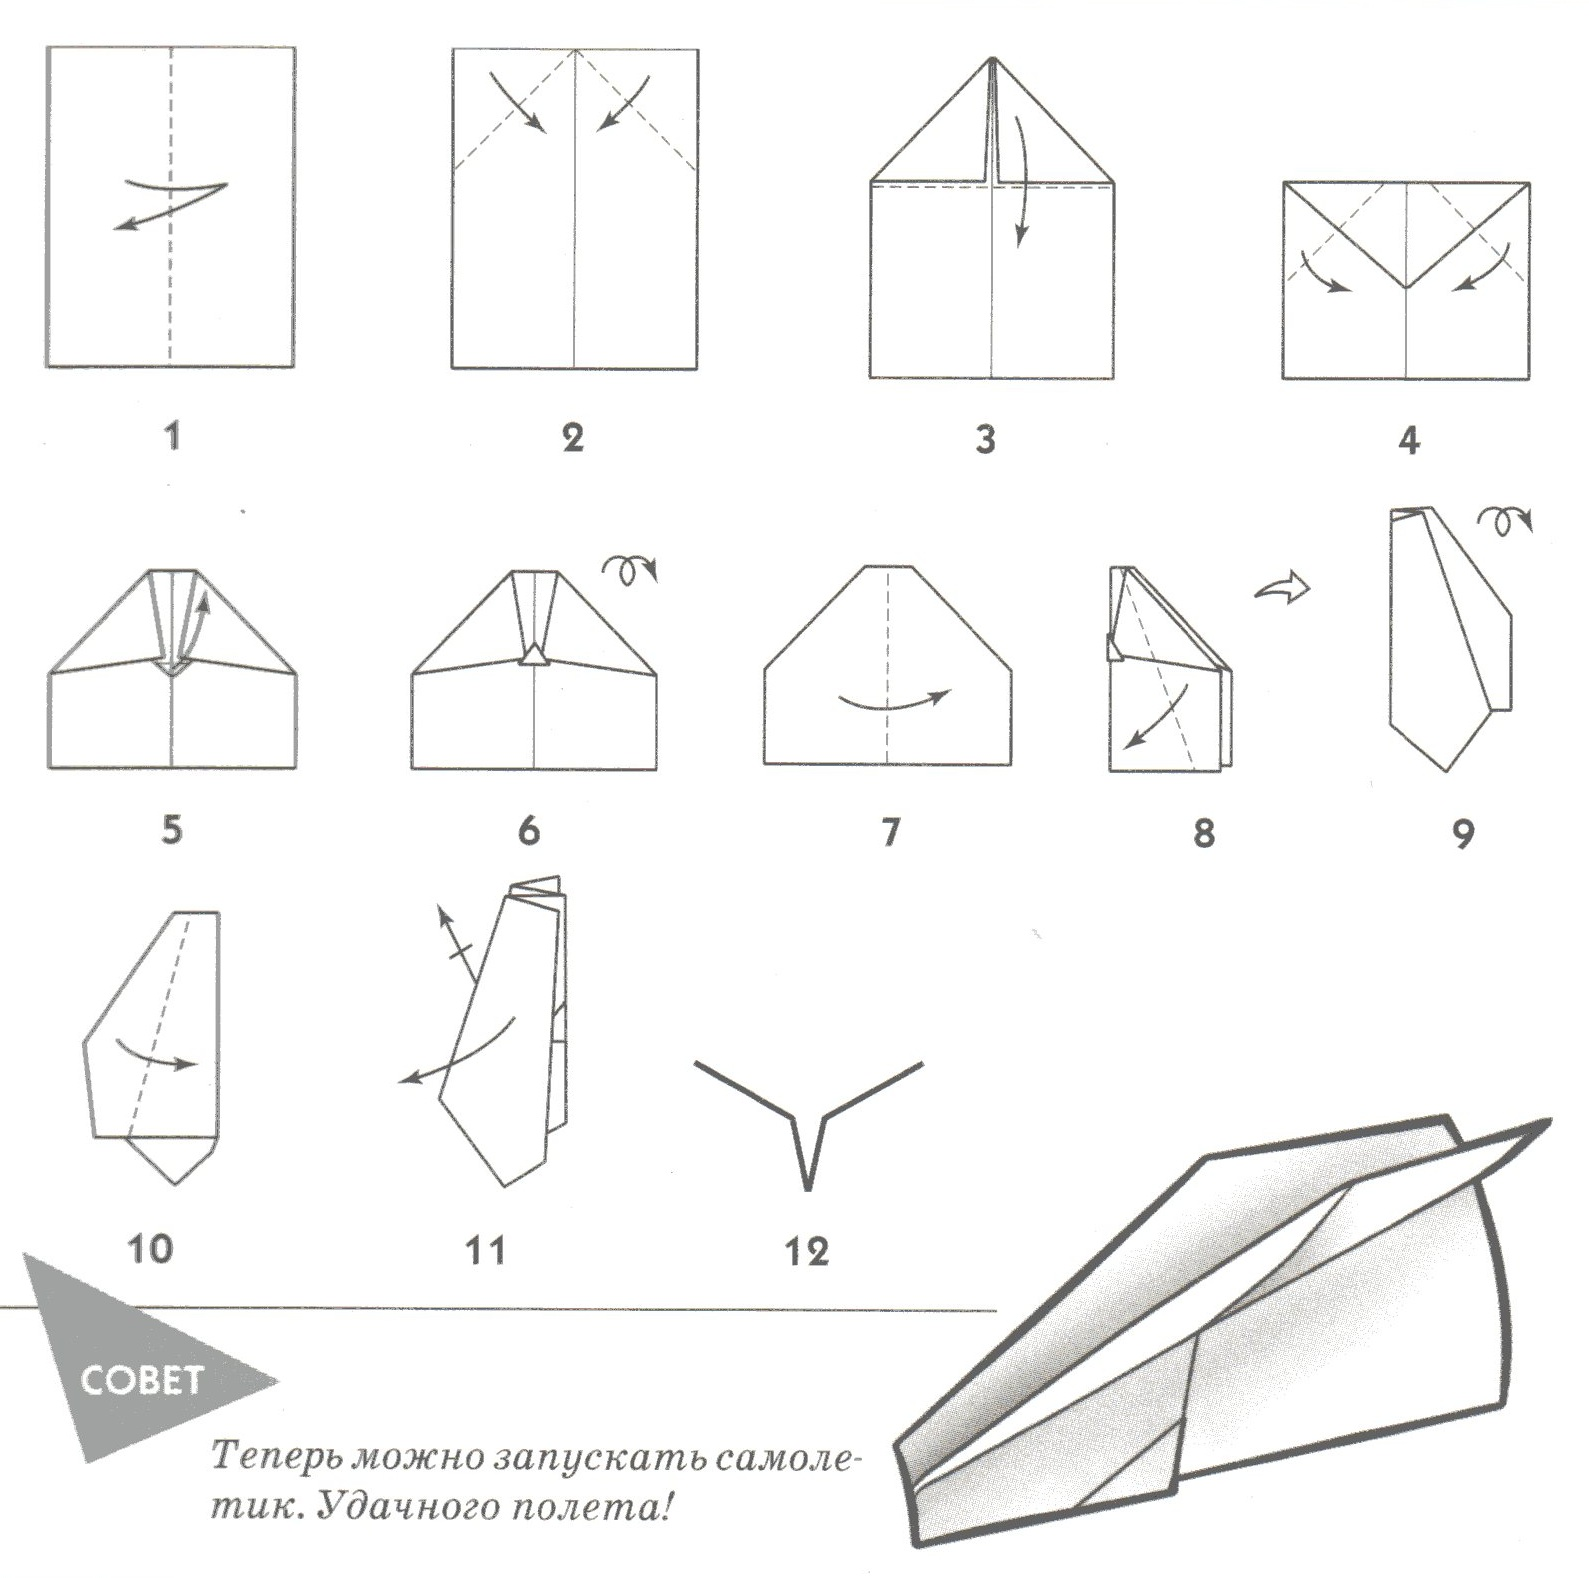 еще самолеты из бумаги картинки сколько надо похудеть